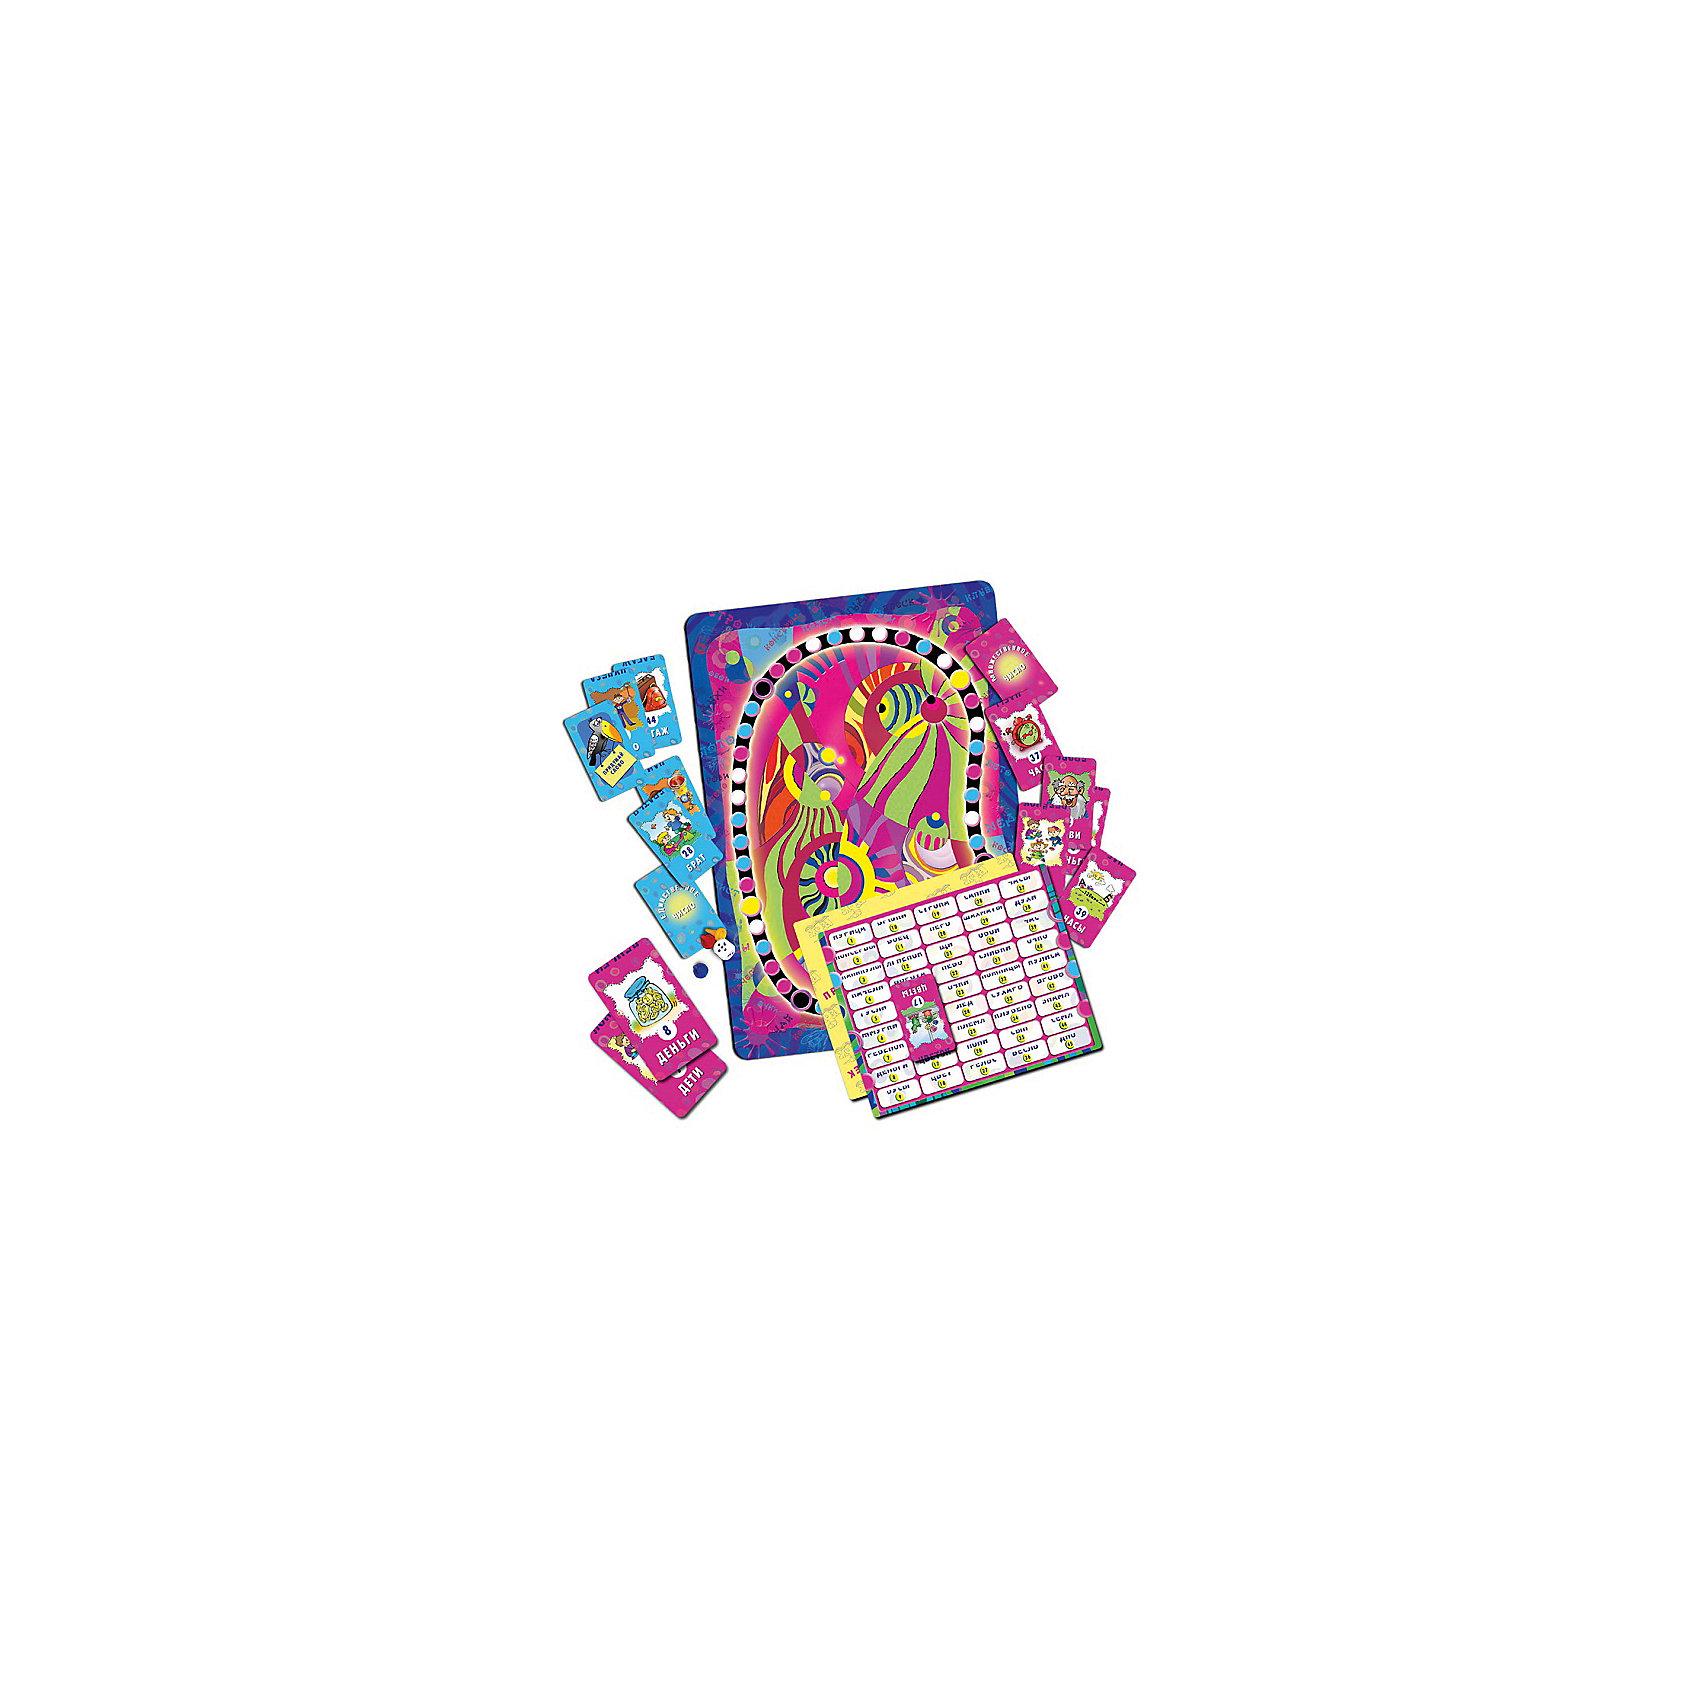 Чудеса во множественном числе, Игротека Татьяны БарчанКарточные игры<br>Чудеса во множественном числе, Игротека Татьяны Барчан.<br><br>Характеристики:<br><br>• Для детей в возрасте: от 7 до 12 лет<br>• В комплекте: игровое поле; 48 карточек красного цвета (существительные во множественном числе, в т.ч. несколько карточек «придумай слово»); 48 карточек синего цвета (существительные в единственном числе ,в т.ч. несколько карточек «придумай слово»); 2 проверочные таблицы; набор фишек, кубик<br>• Тема: Единственное и множественное число имен существительных<br>• Материал: плотный качественный картон<br>• Производитель: ЦОТР Ребус, Россия<br>• Упаковка: картонная коробка<br>• Размер упаковки: 286х182х42 мм.<br>• Вес: 506 гр.<br><br>Не так просто превратить множественное число какого-нибудь слова в единственное и наоборот! Во-первых, превращения может и не произойти, ведь некоторые слова всегда остаются неизменными, т.е. несклоняемыми. А, во-вторых, при изменении числа слово может неожиданно утратить одну букву, например: пень-пни; мох-мхи, или чудесным образом сменить сразу все (человек-люди). <br><br>Слово может расставить ловушки: один - лист, а много? Листы или листья? А дно корзинки? Хорошо, если оно одно, а если много? А вот космосу множественное число ни к чему. Блеск, бусы, духи, деньги … В игре-ходилке – 90 слов. <br><br>В начале игры игровое поле помещается в центр стола, а карточки выкладываются «рубашками» вверх. Игроки бросают кубик и перемещают фишки. Если фишка попадает на красный кружок, игрок берет карточку красного цвета и, прочитав на ней слово, определяет можно ли употреблять его в единственном числе. <br><br>Если фишка попала на синий кружок, игрок берет карточку синего цвета и определяет можно ли употребляться слово на карточке во множественном числе. Если игроку выпала карточка «придумай слово», то он называет существительное, употребляемое только во множественном числе (красная карточка) или в единственном (синяя карточка). <br><br>Правильный ответ